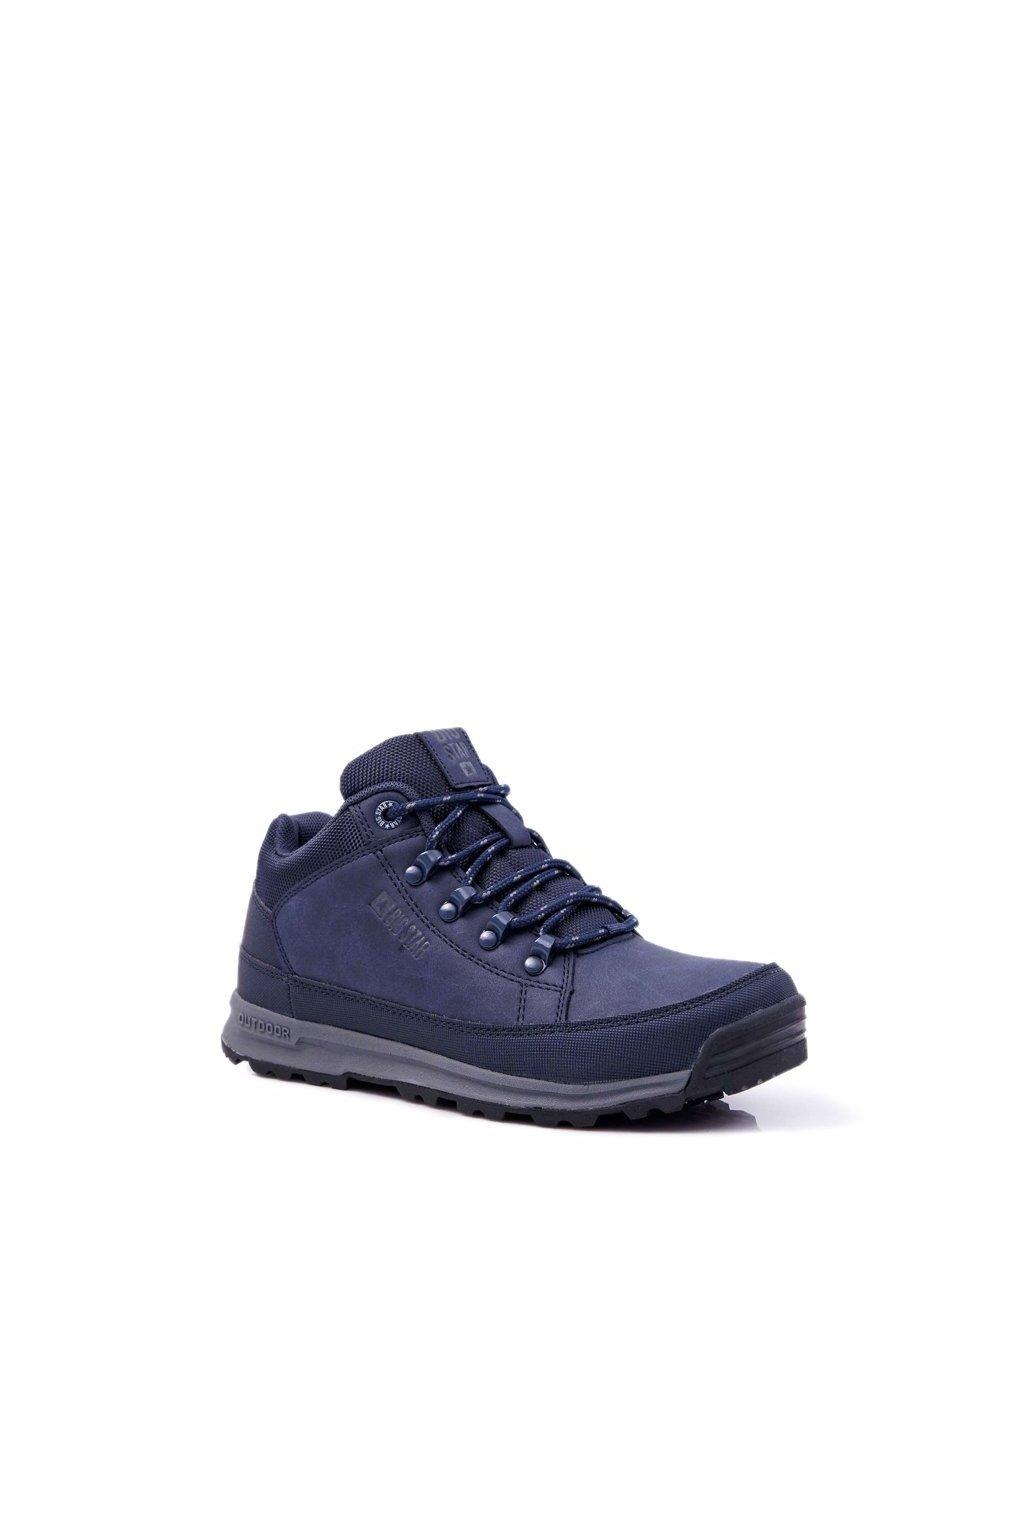 Pánske trekingové topánky farba modrá kód obuvi EE174466 NAVY